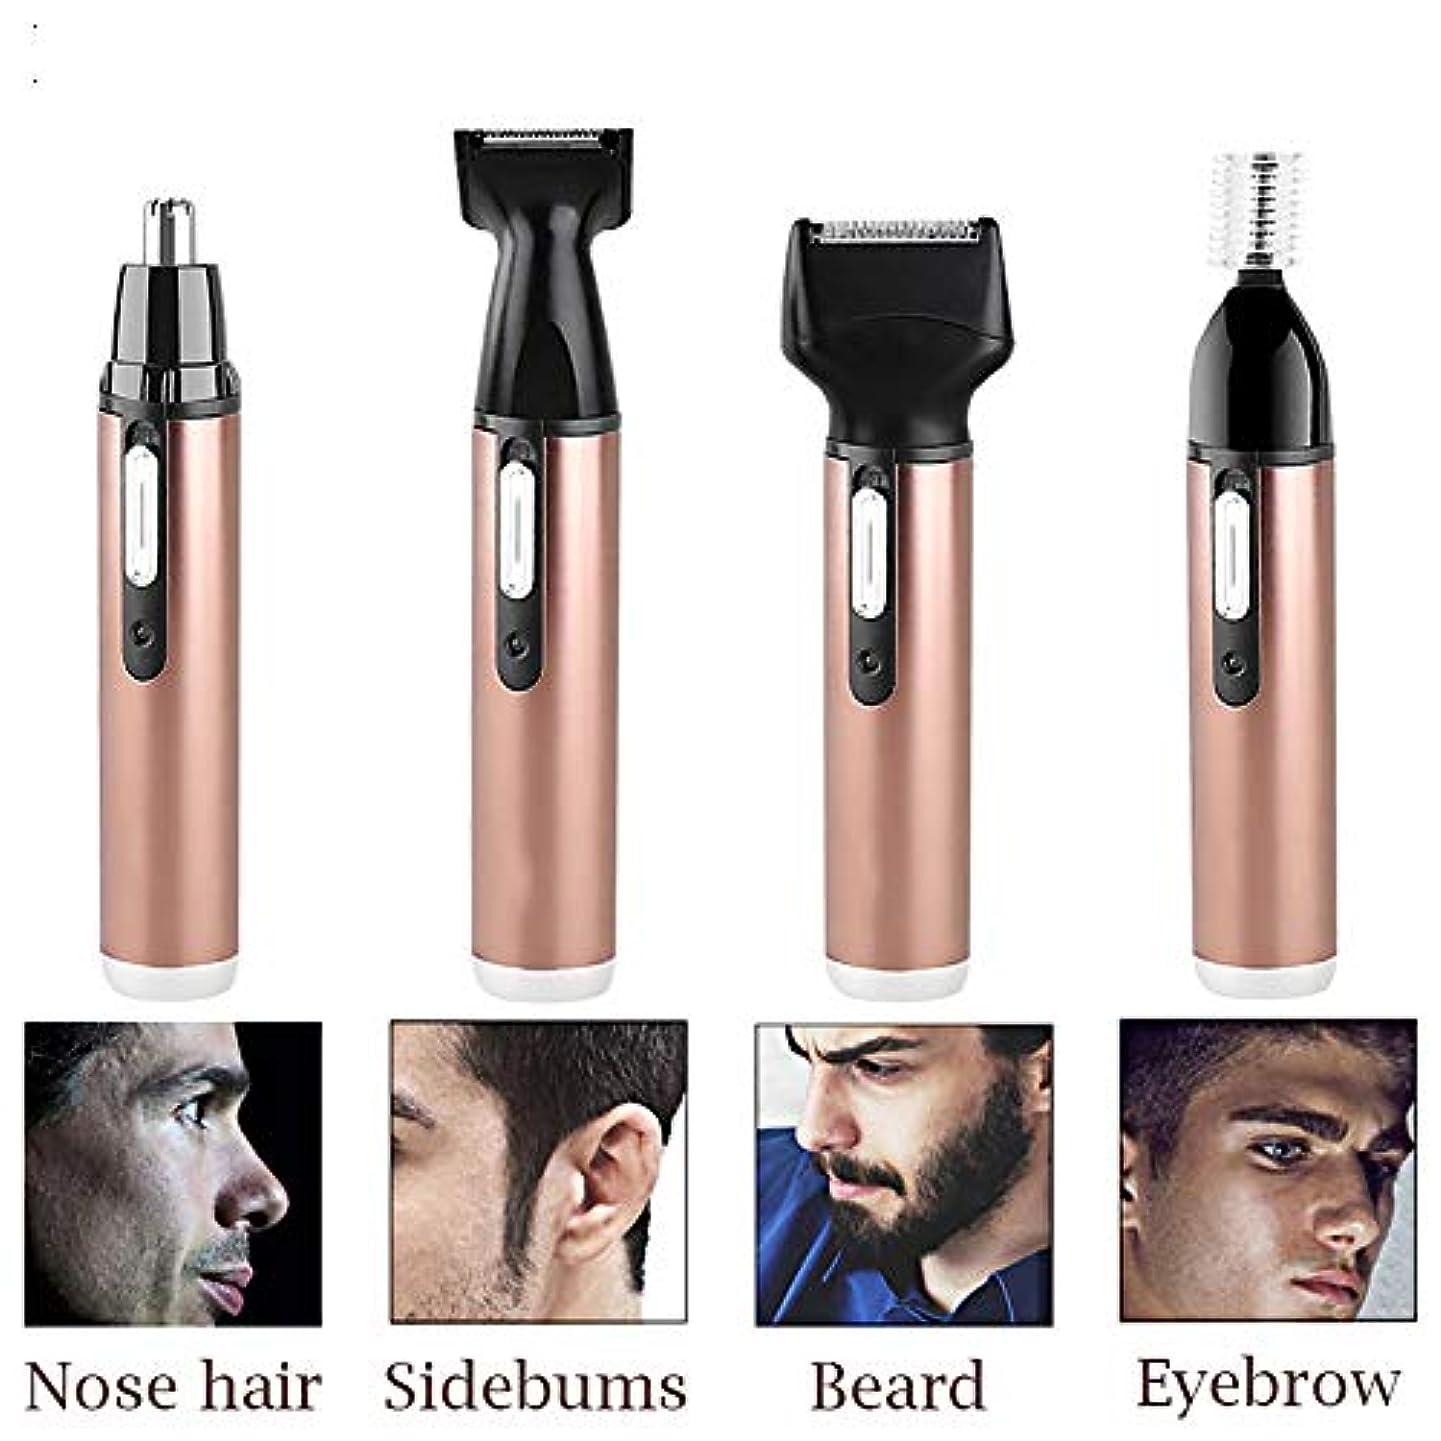 芸術的隔離する拘束鼻毛トリマー、4 in 1ファッションオリジナル鼻トリマー電気シェービング安全なフェイスケアトリマー充電式鼻毛トリマー用男性女性